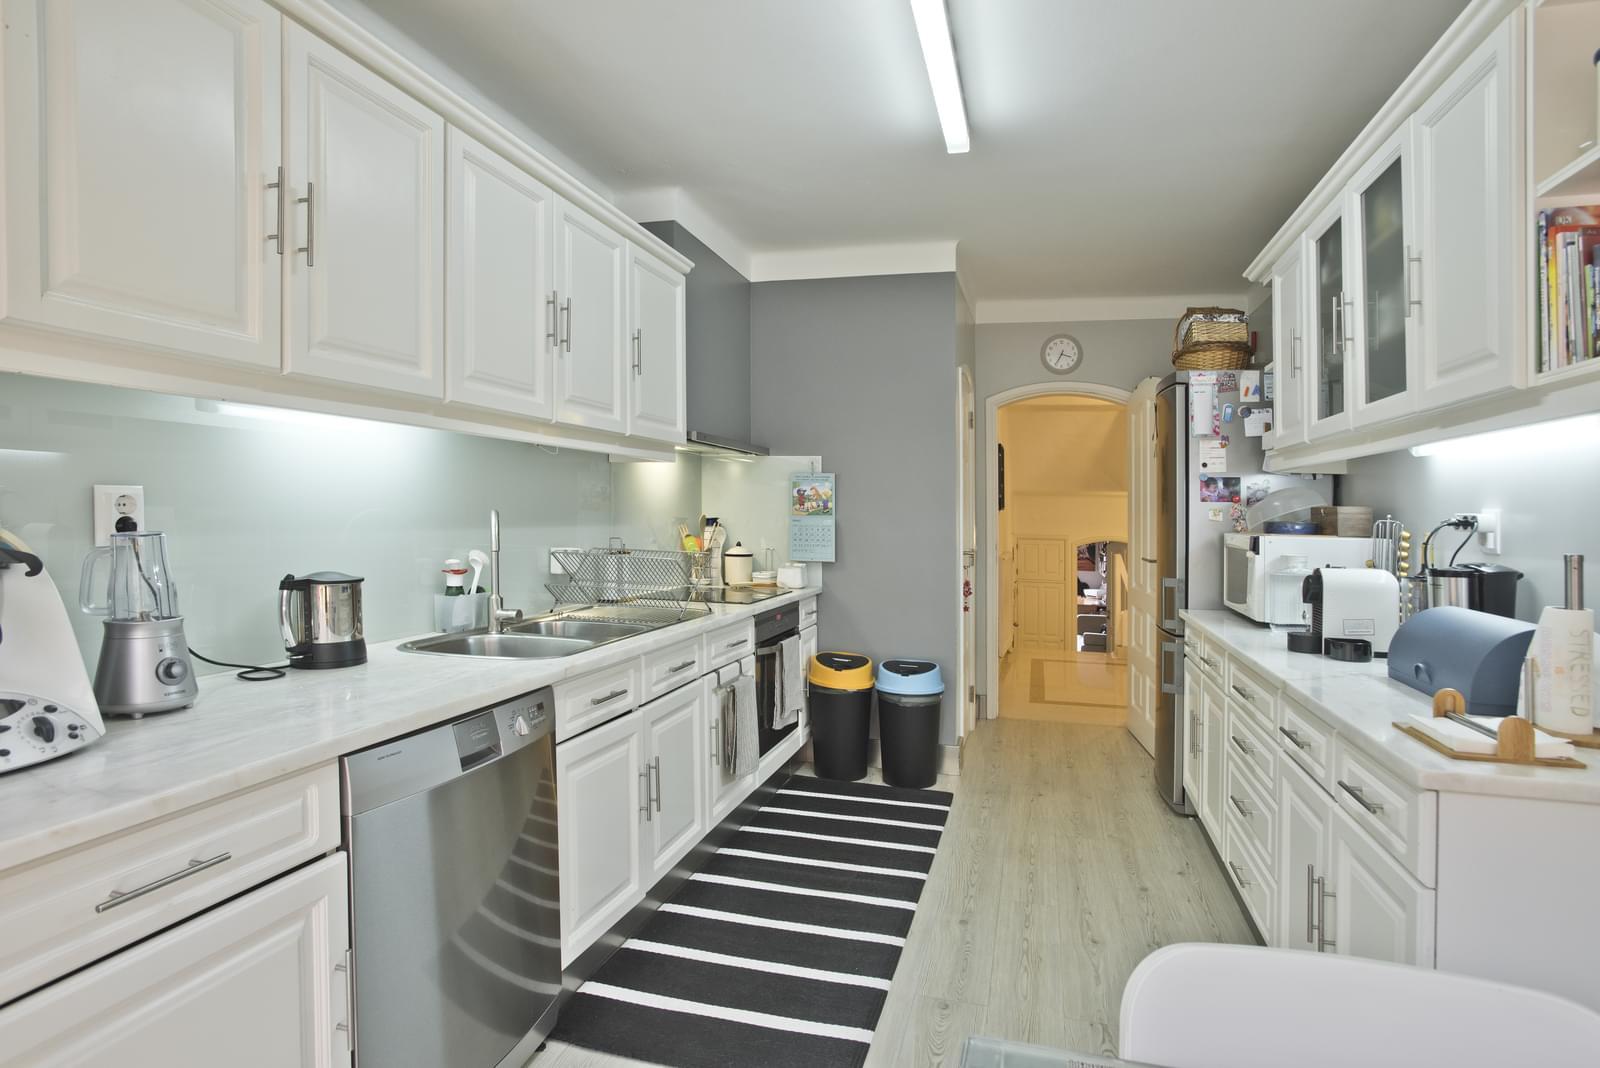 pf17230-apartamento-t3-cascais-83927abb-2a31-4fc4-9b68-8a4765ae0d53